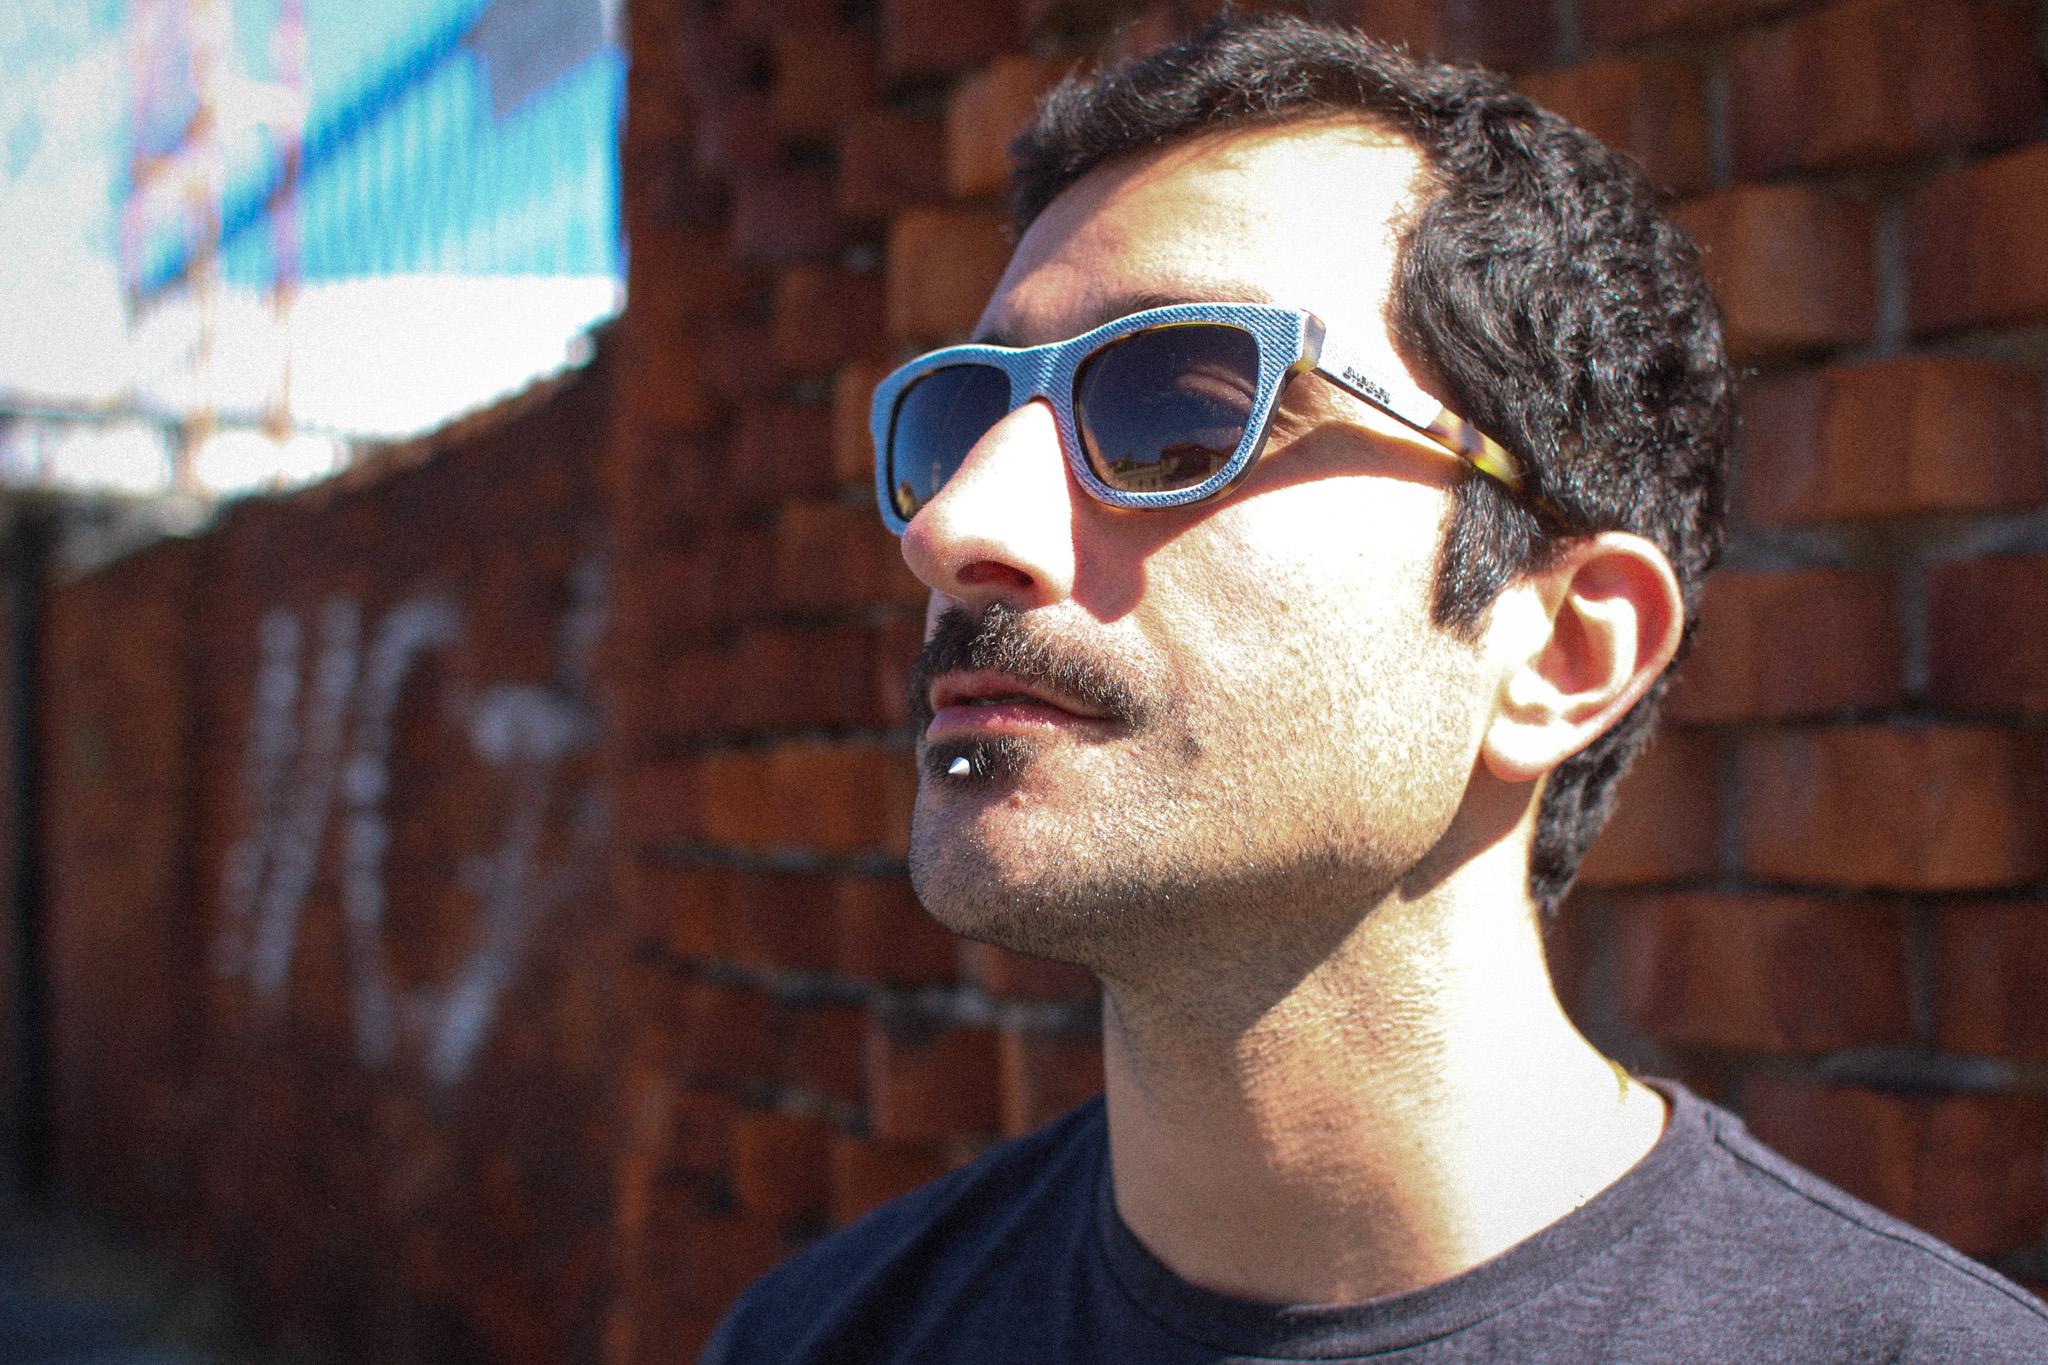 diesel-sunglasses-editorial-rfm-11.jpg